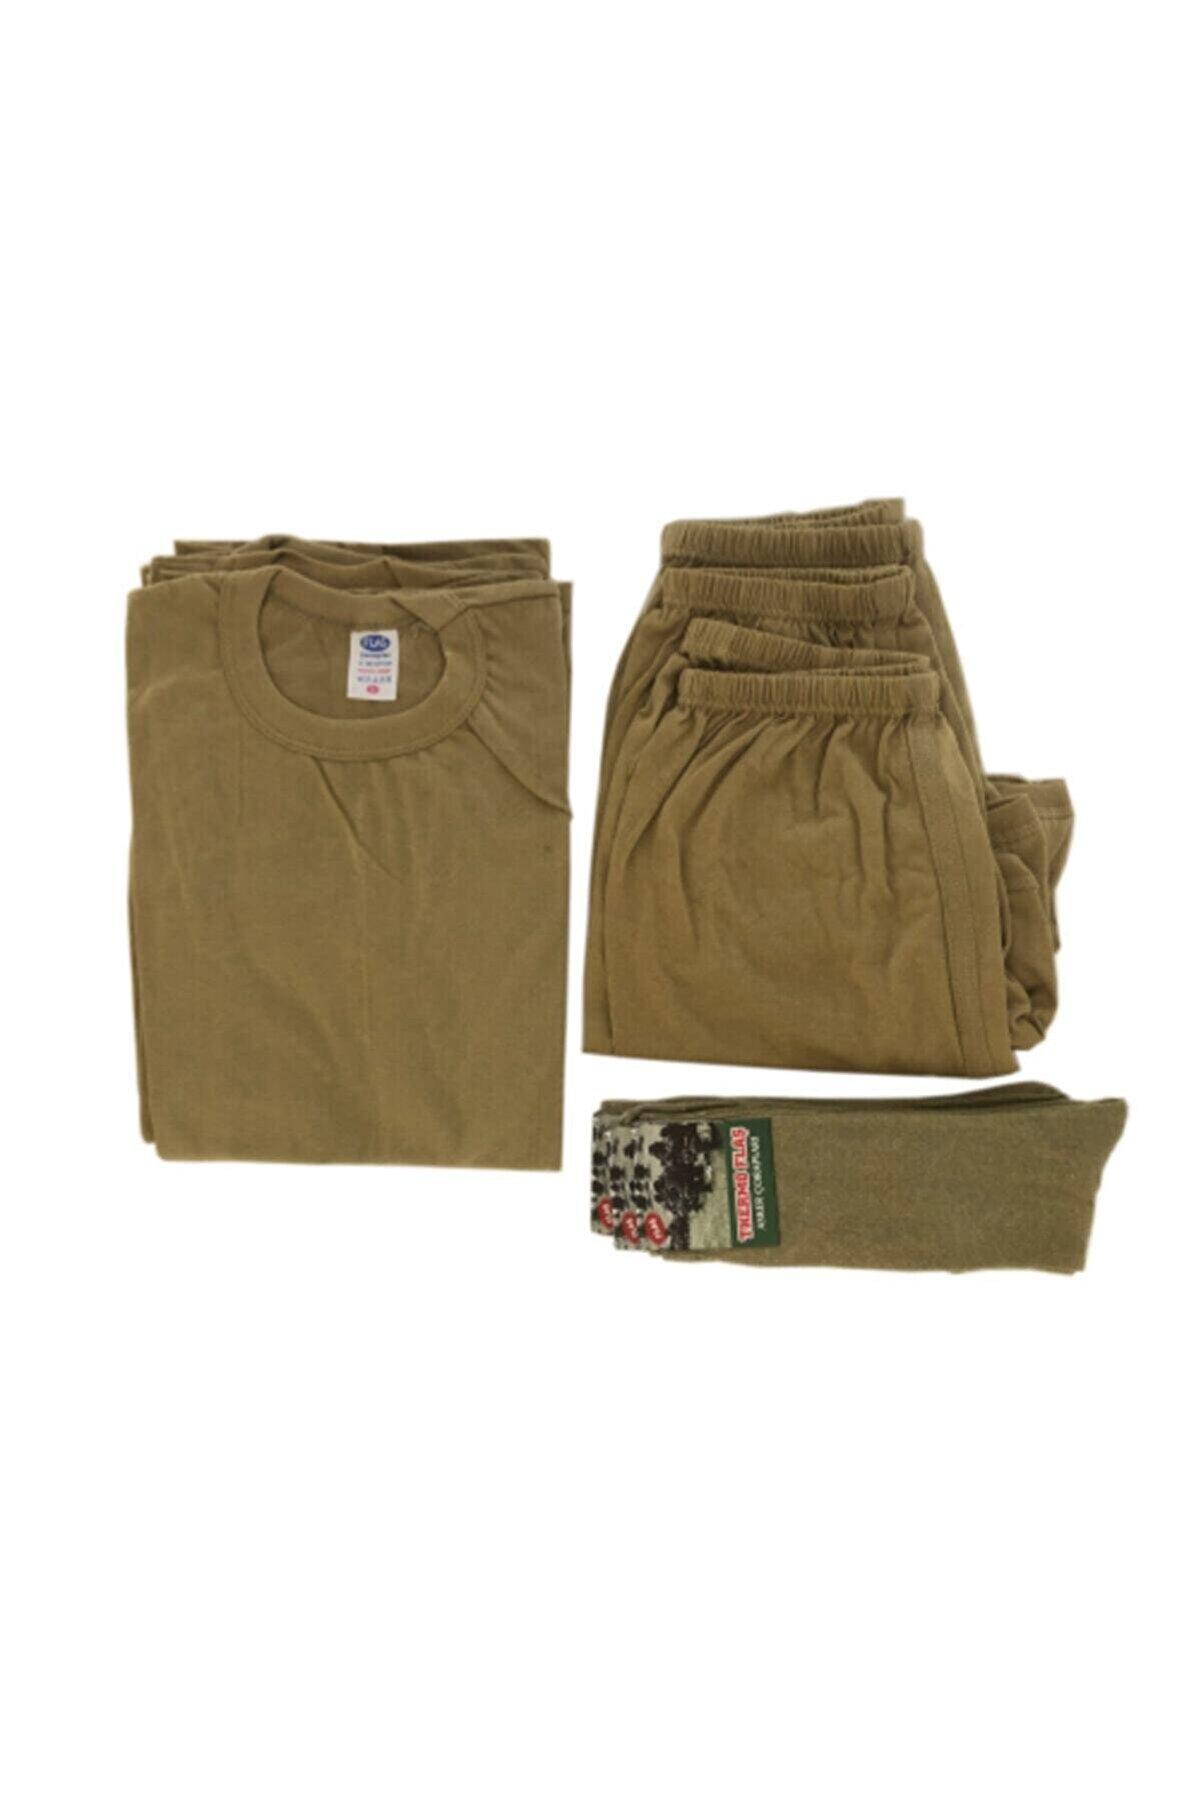 özmertaskerimalzeme Askeri Fanila Boxer Çorap 3 Lü Set Yeni Tip Askeri Fanila Çamaşır Takım